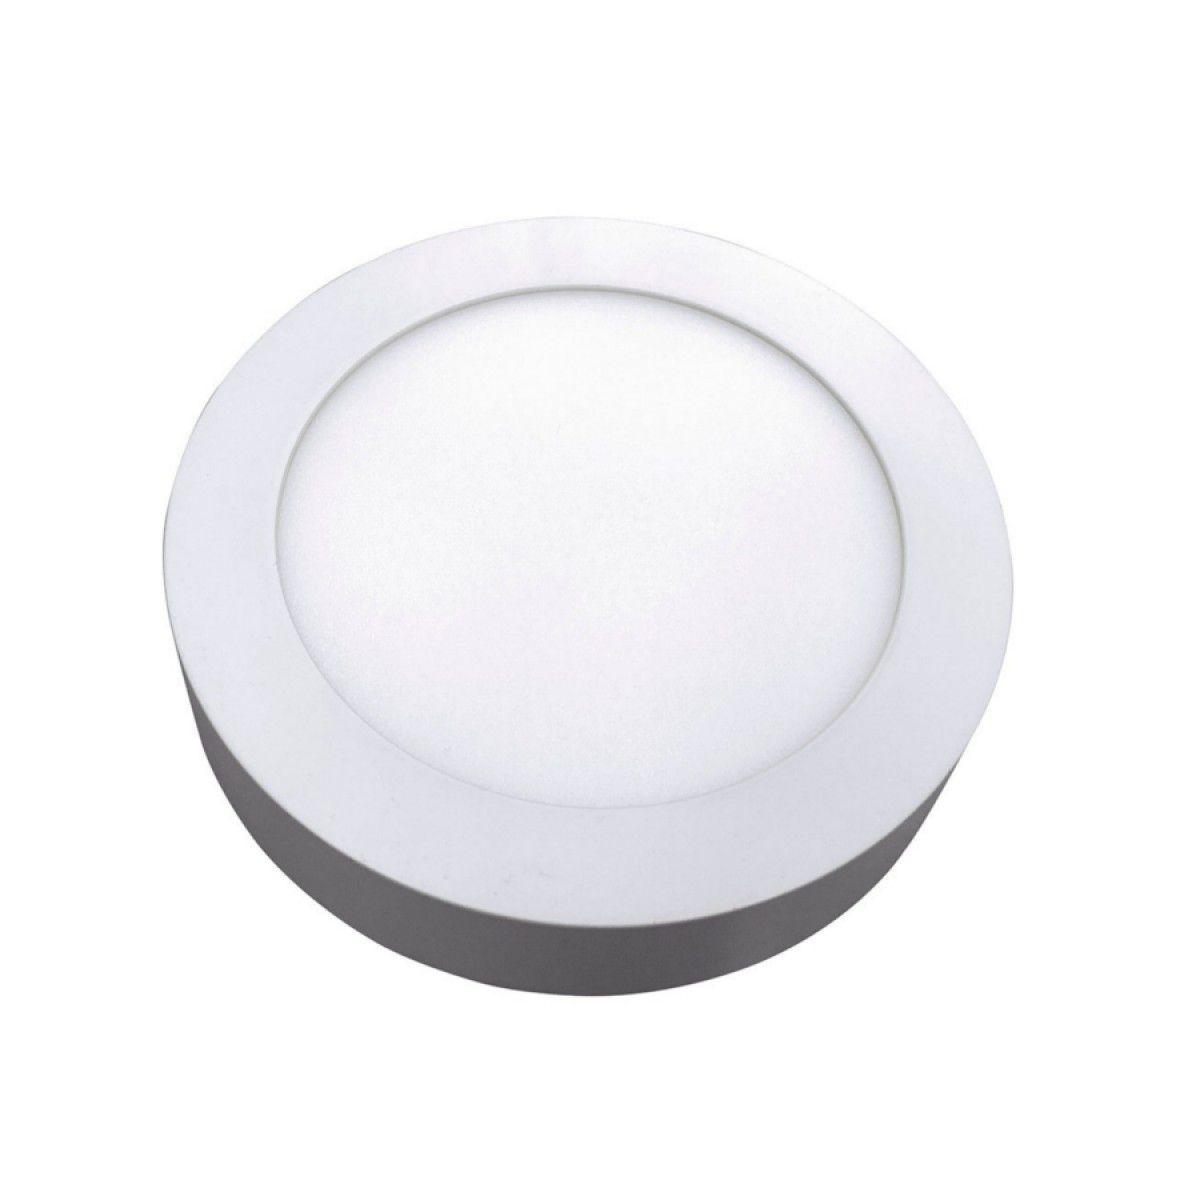 Plafon LED 18W - Luminária de Sobrepor 18W Redondo